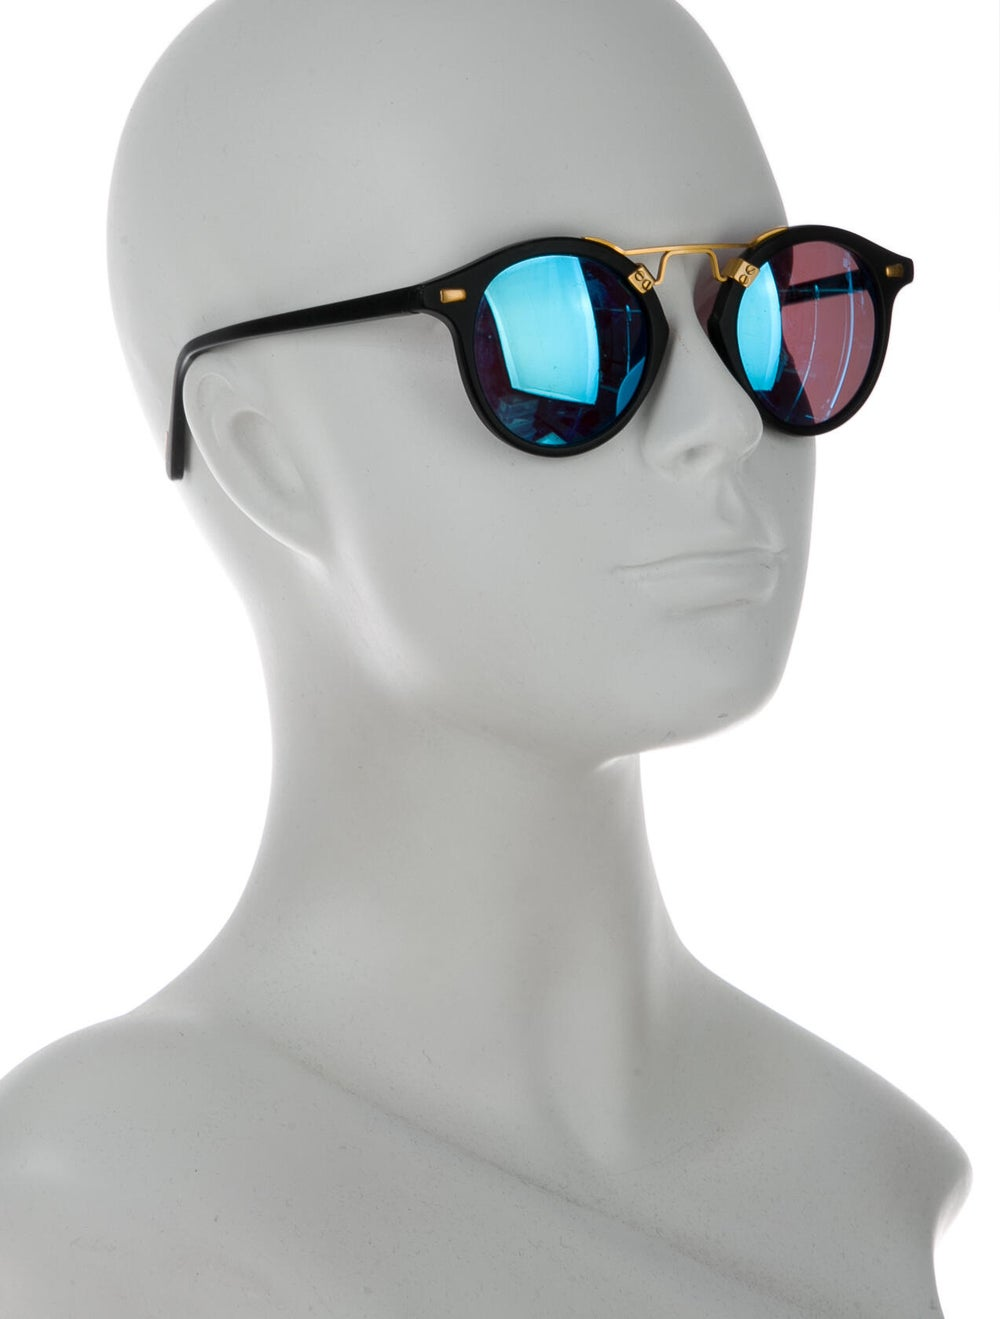 Krewe Mirrored Round Sunglasses Gold - image 4